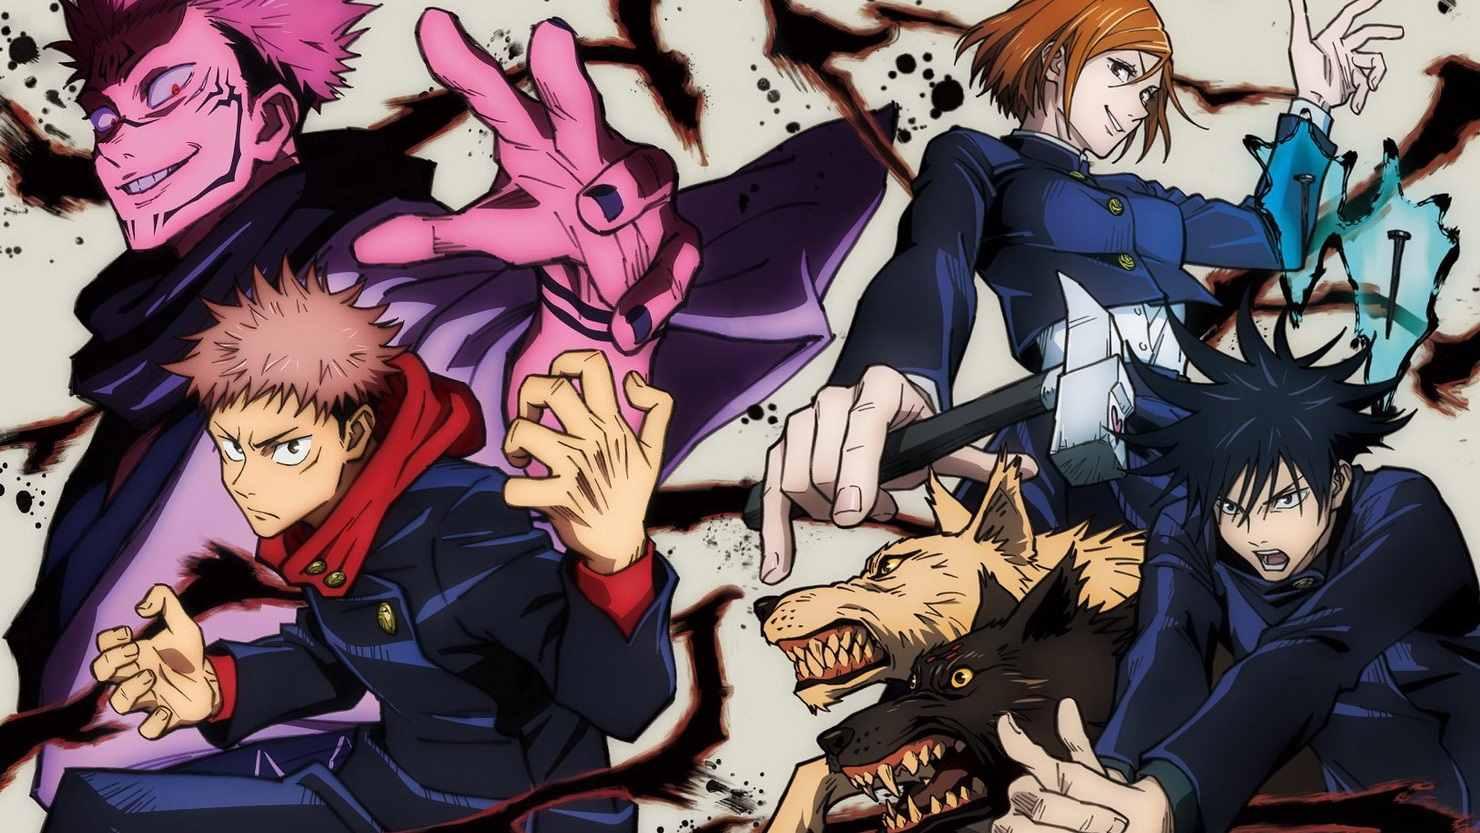 Крутое аниме магическая битва манга, картинки 17